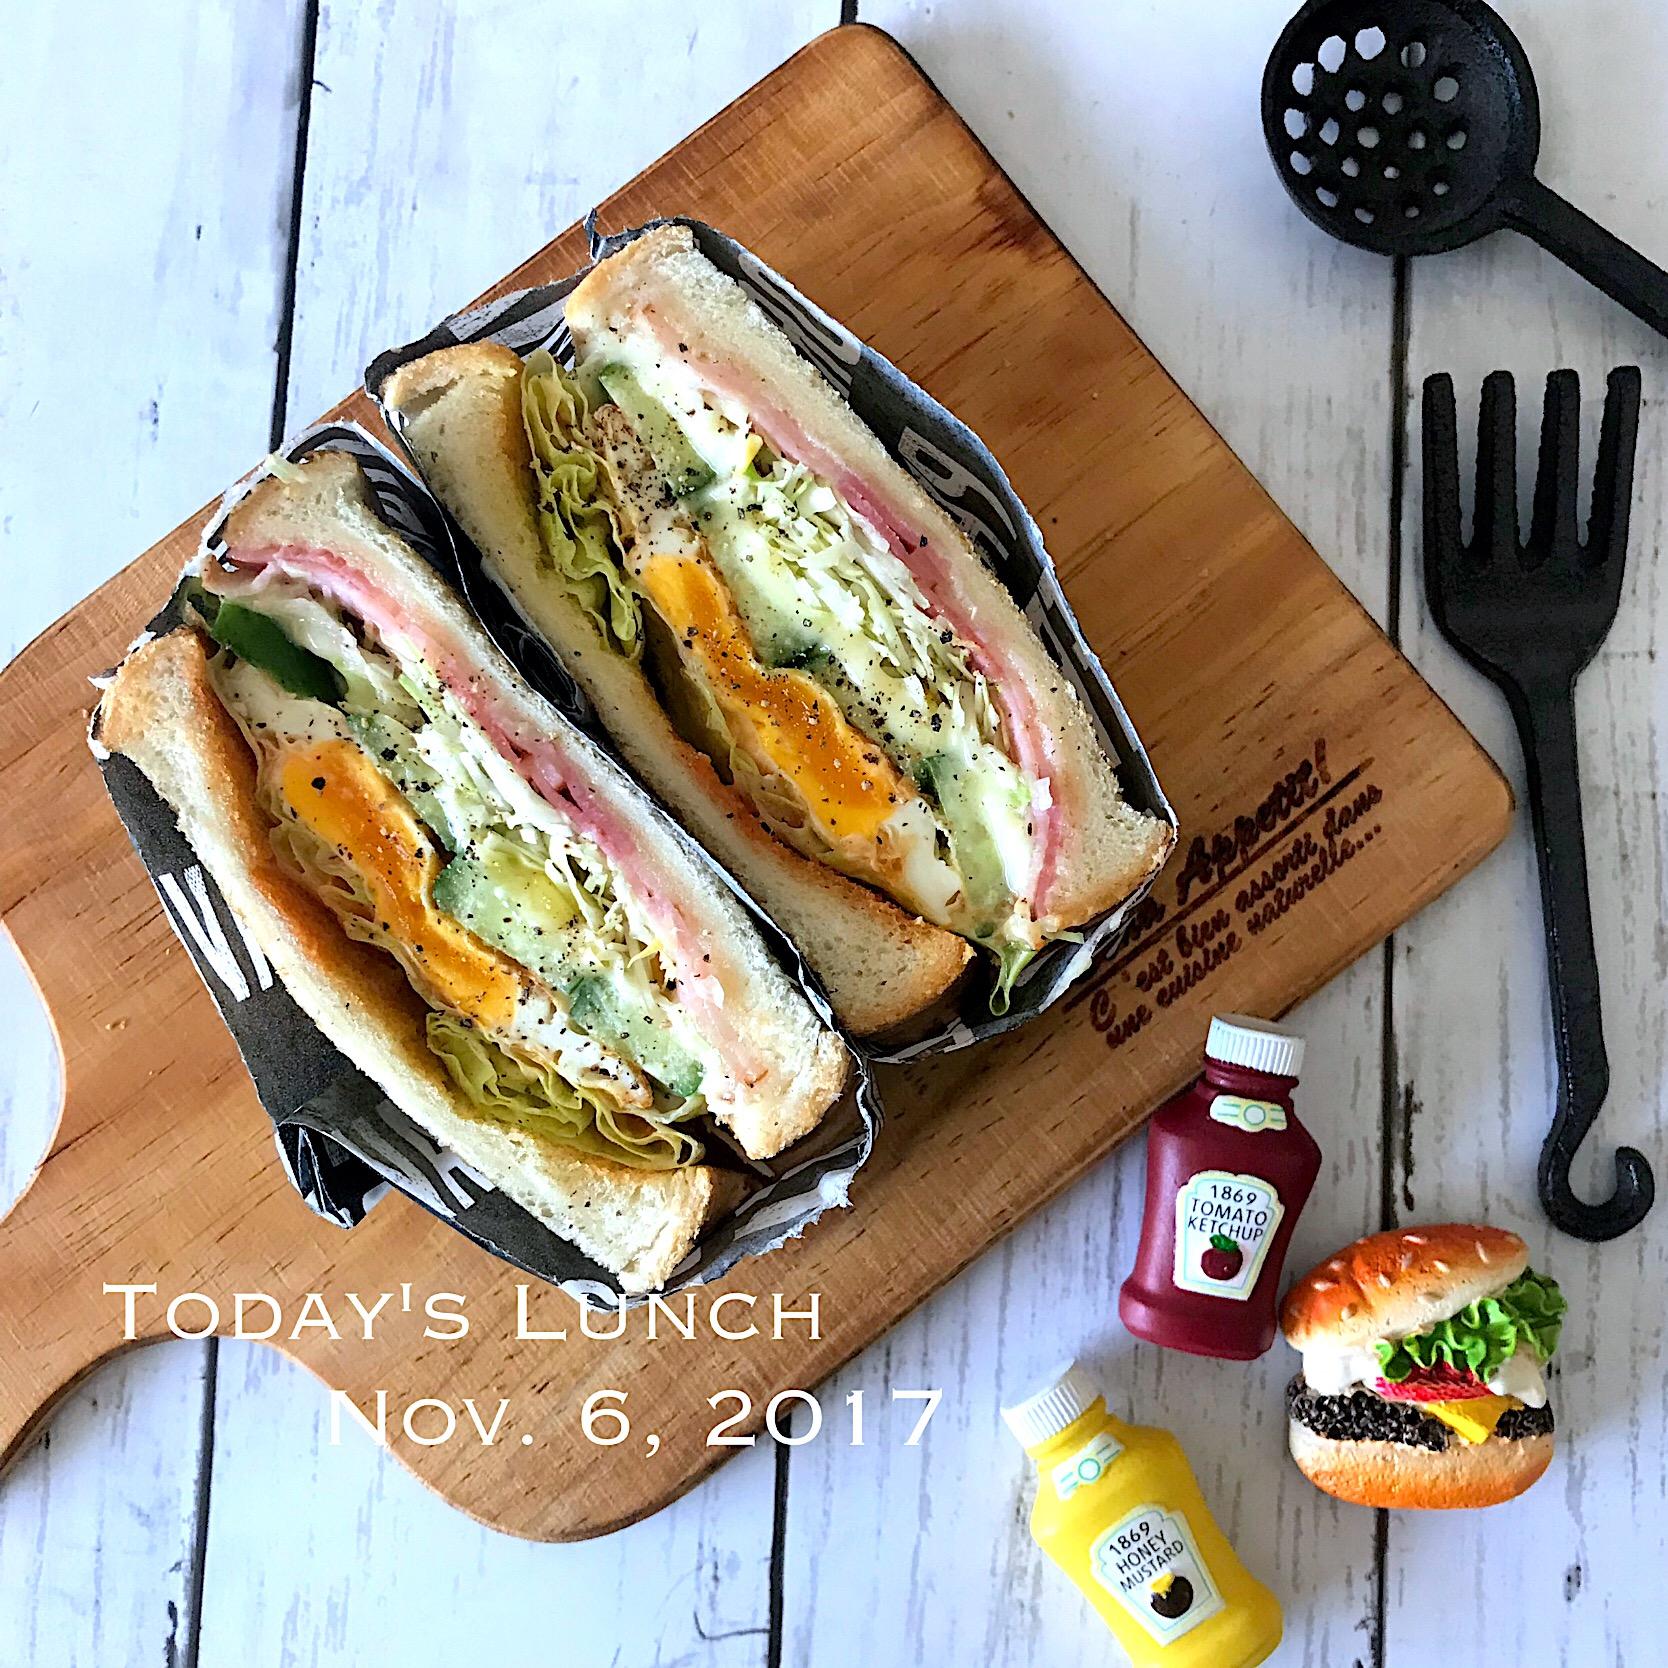 置きランチ?サンドイッチ????